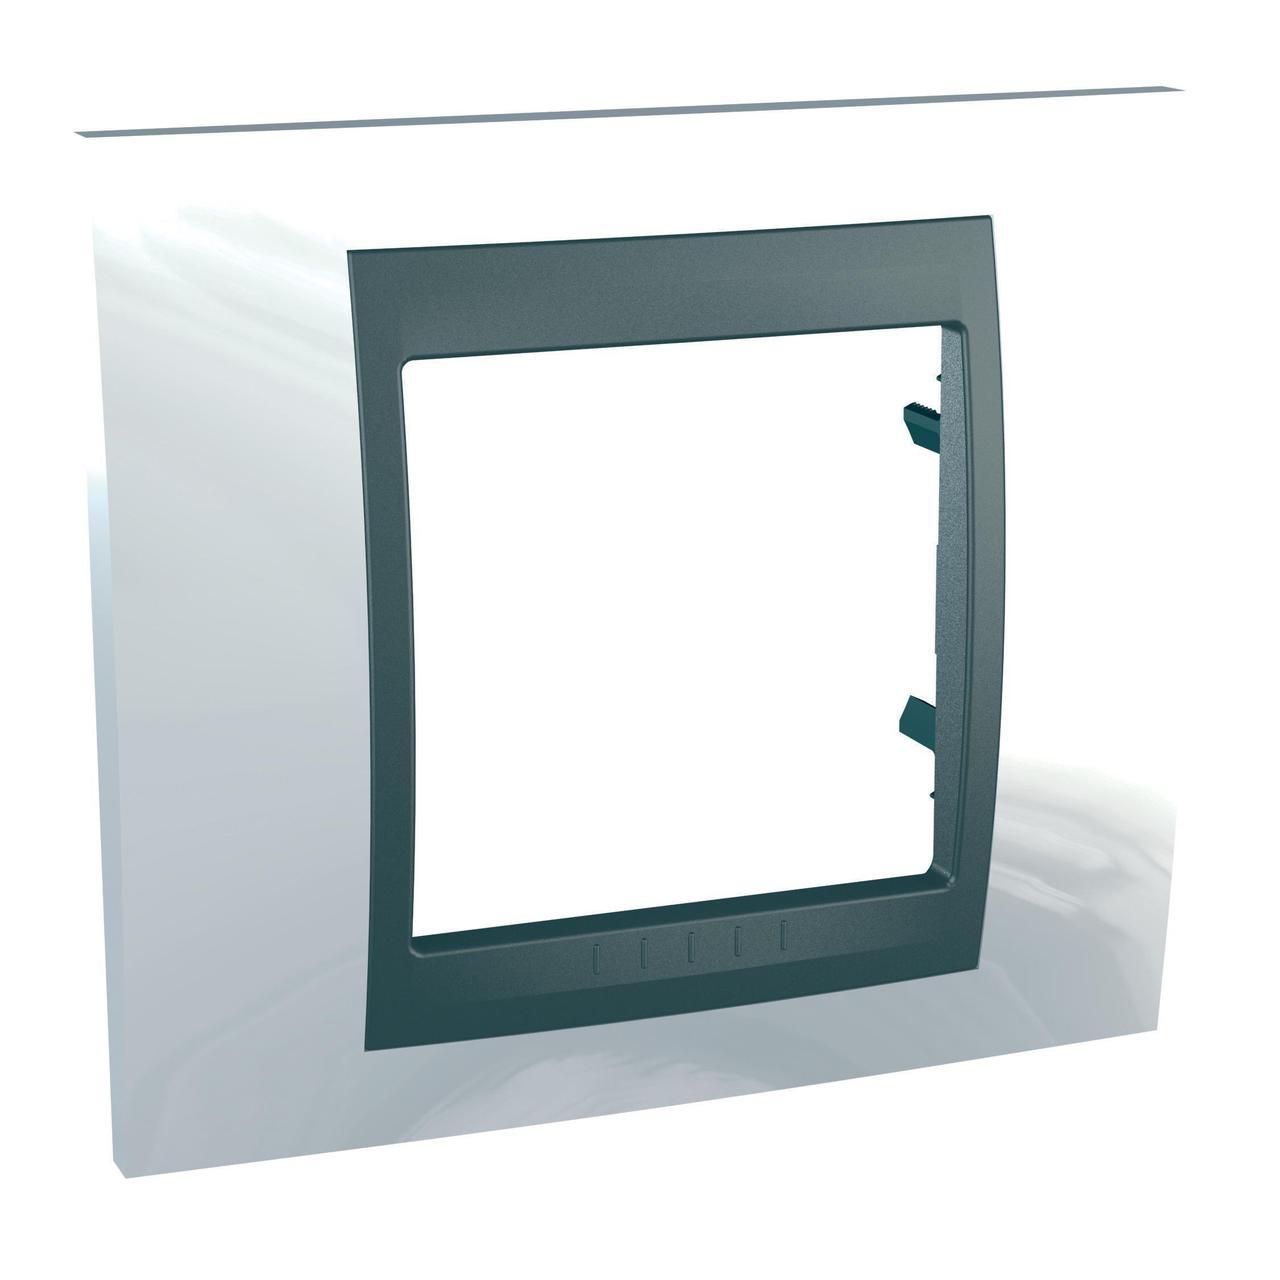 Рамка 1-ая (одинарная), Нордик/Графит (металл), серия UNICA TOP/CLASS, Schneider Electric